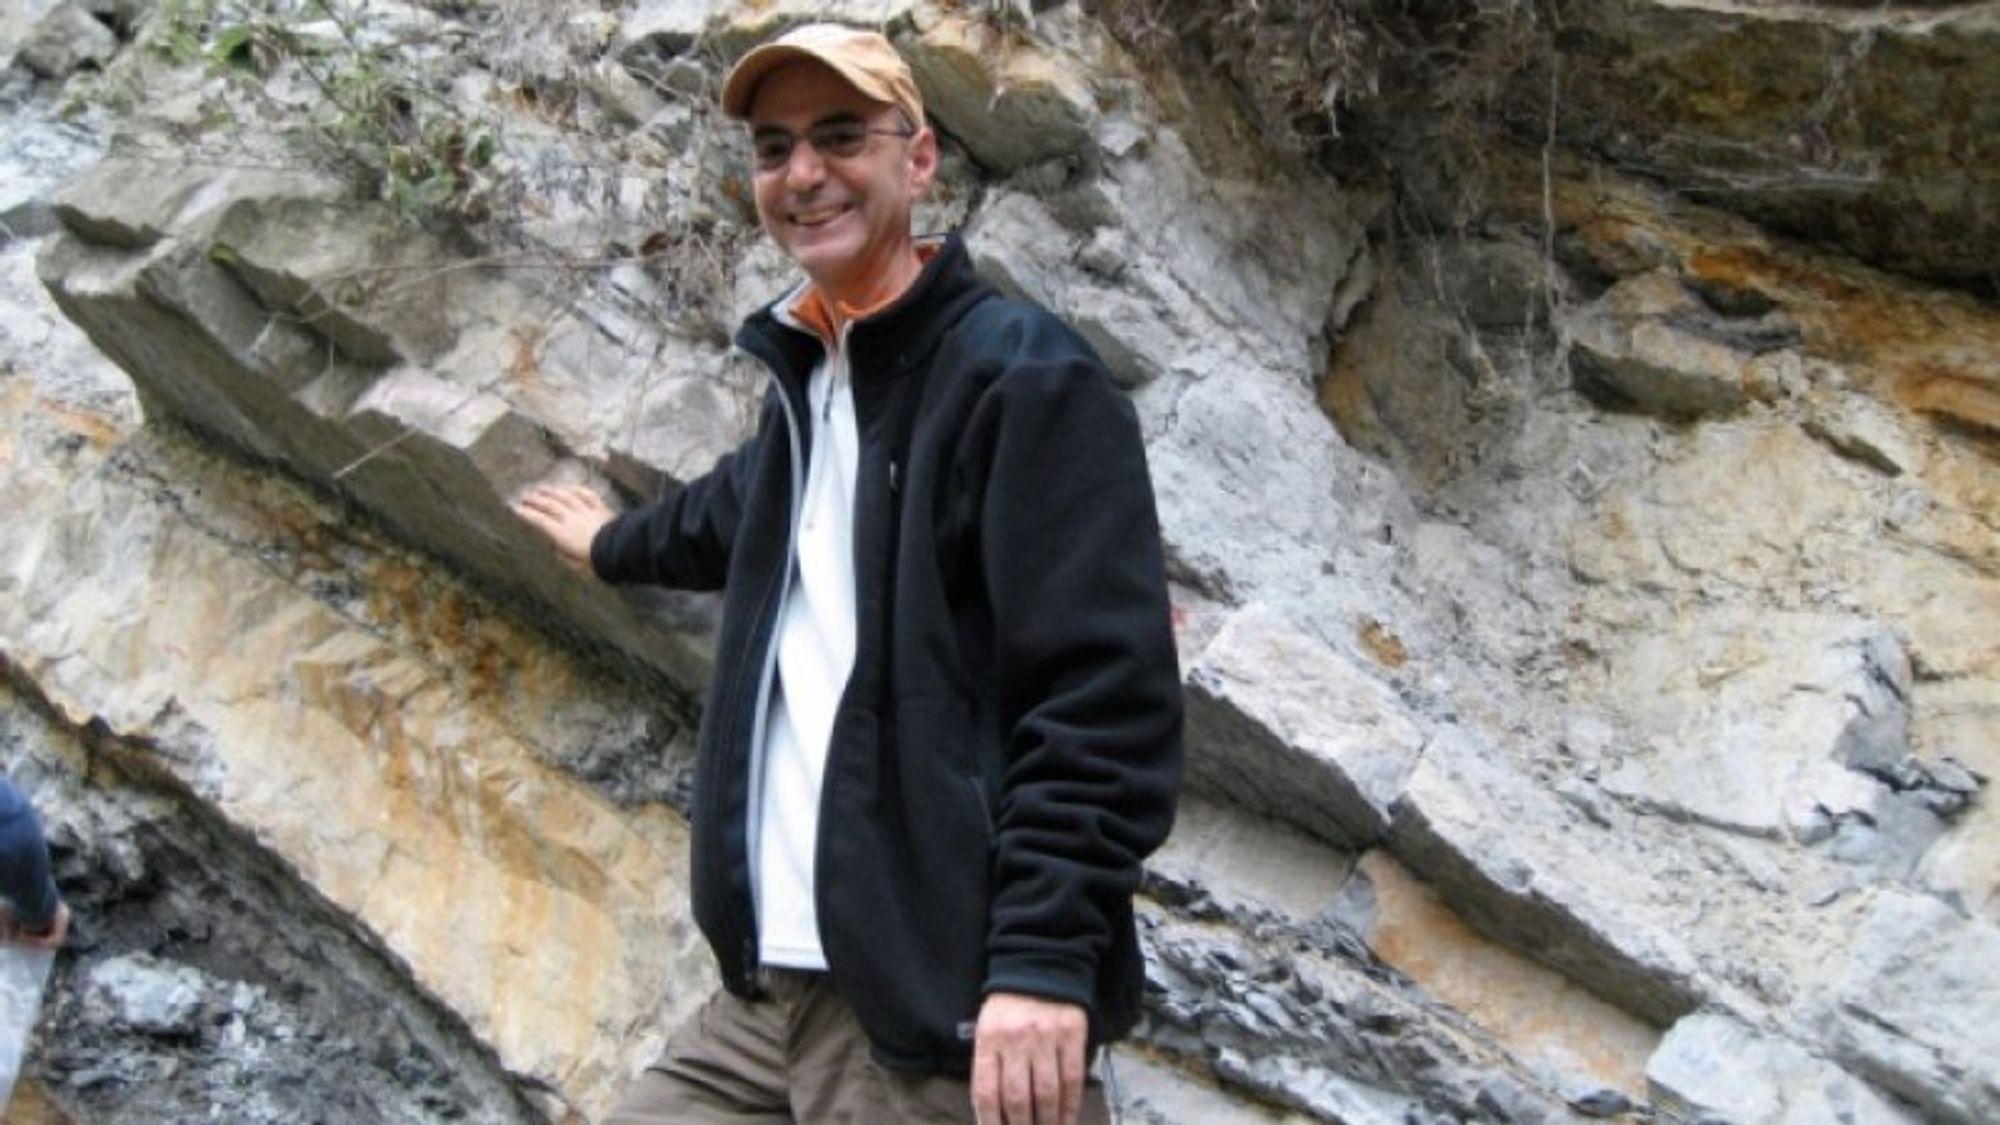 Daniel Rothman med høyre hånd plassert på et lag ved Xiakou i Kina. Laget markerer overgangen mellom de geologiske periodene perm og trias for cirka 252 millioner år siden, da nærmere 96 prosent av alle levende arter i havet døde ut.